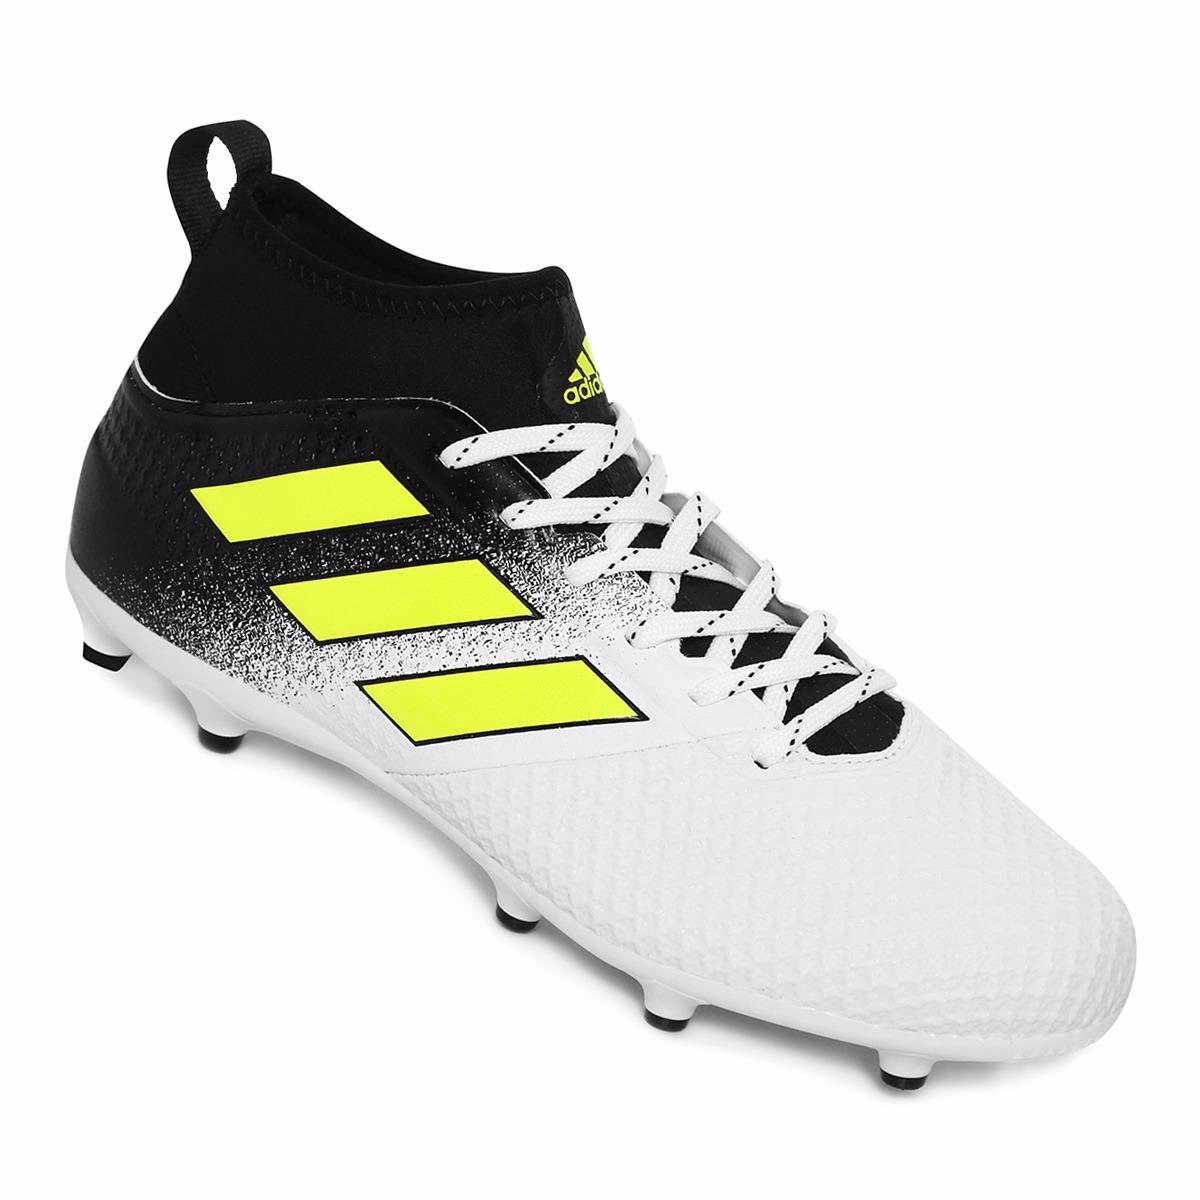 7865244646460 zapato futbol adidas ace 17.3 fg nuevos originales. Cargando zoom.